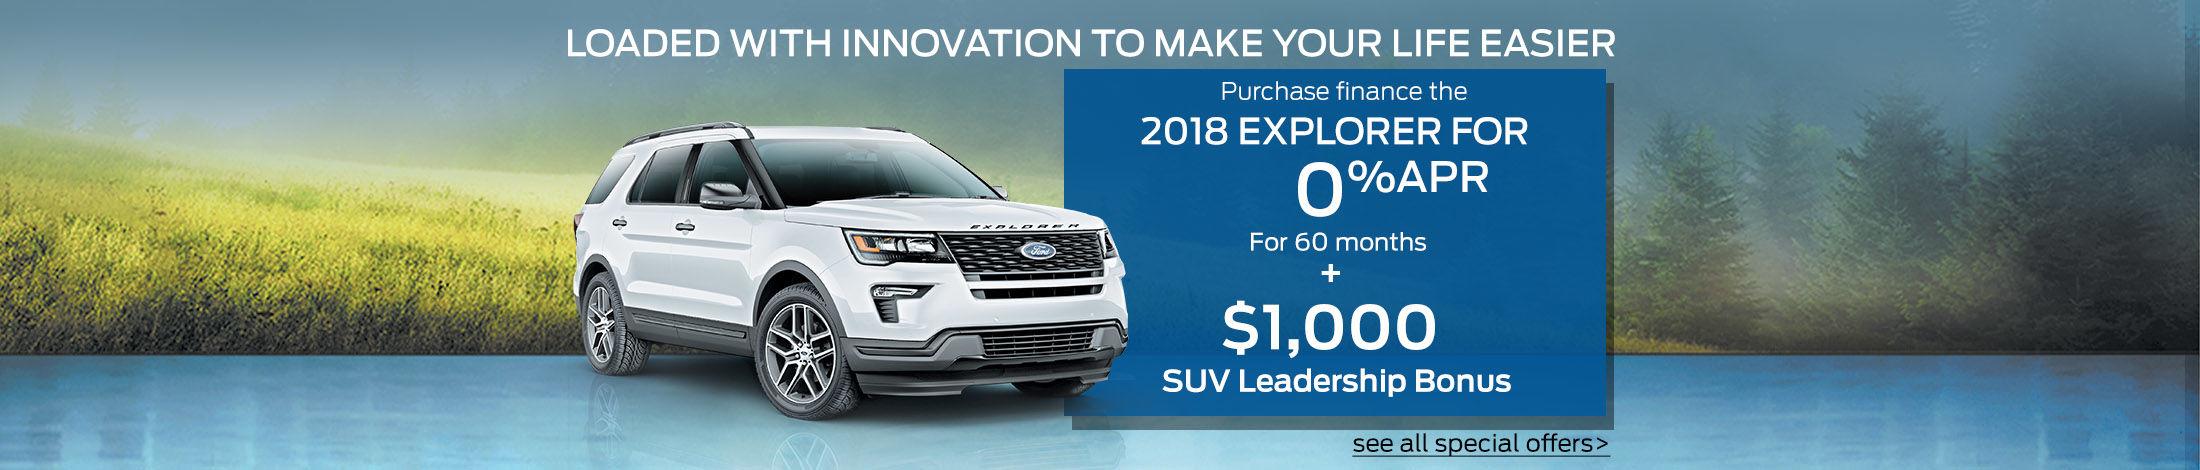 SUV leadership bonus explorer 2018